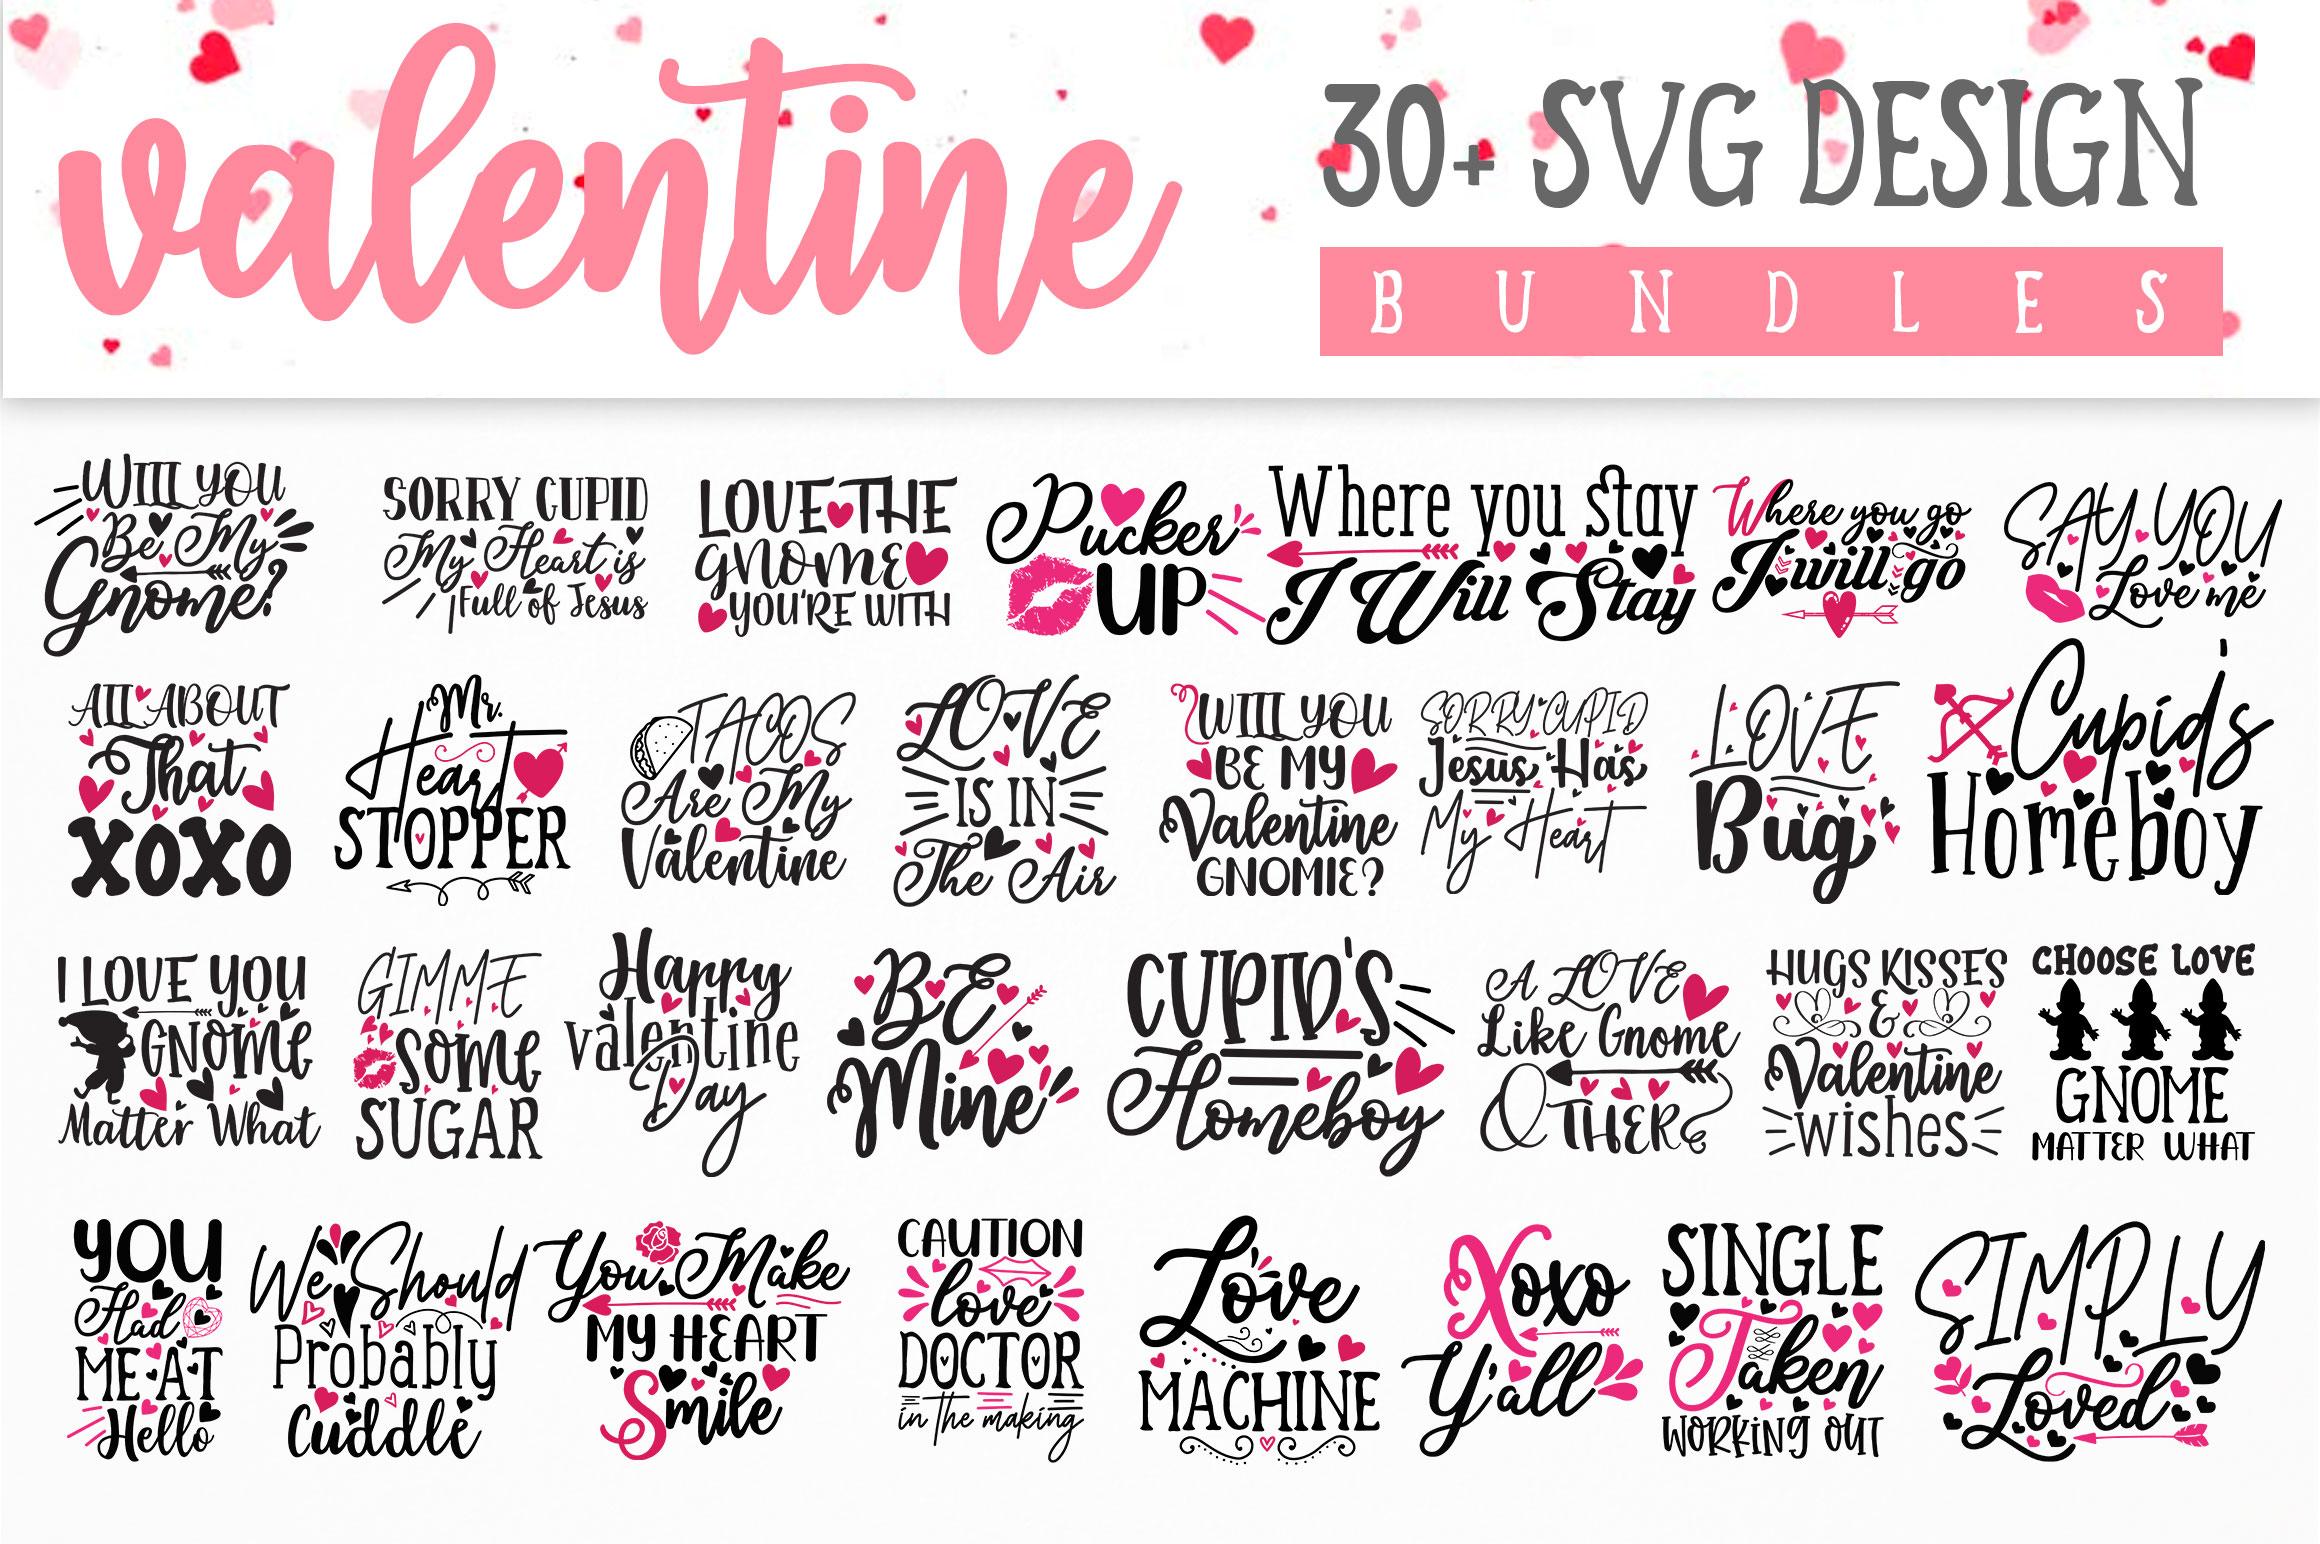 Valentine SVG Design Bundle Vol 1 example image 7